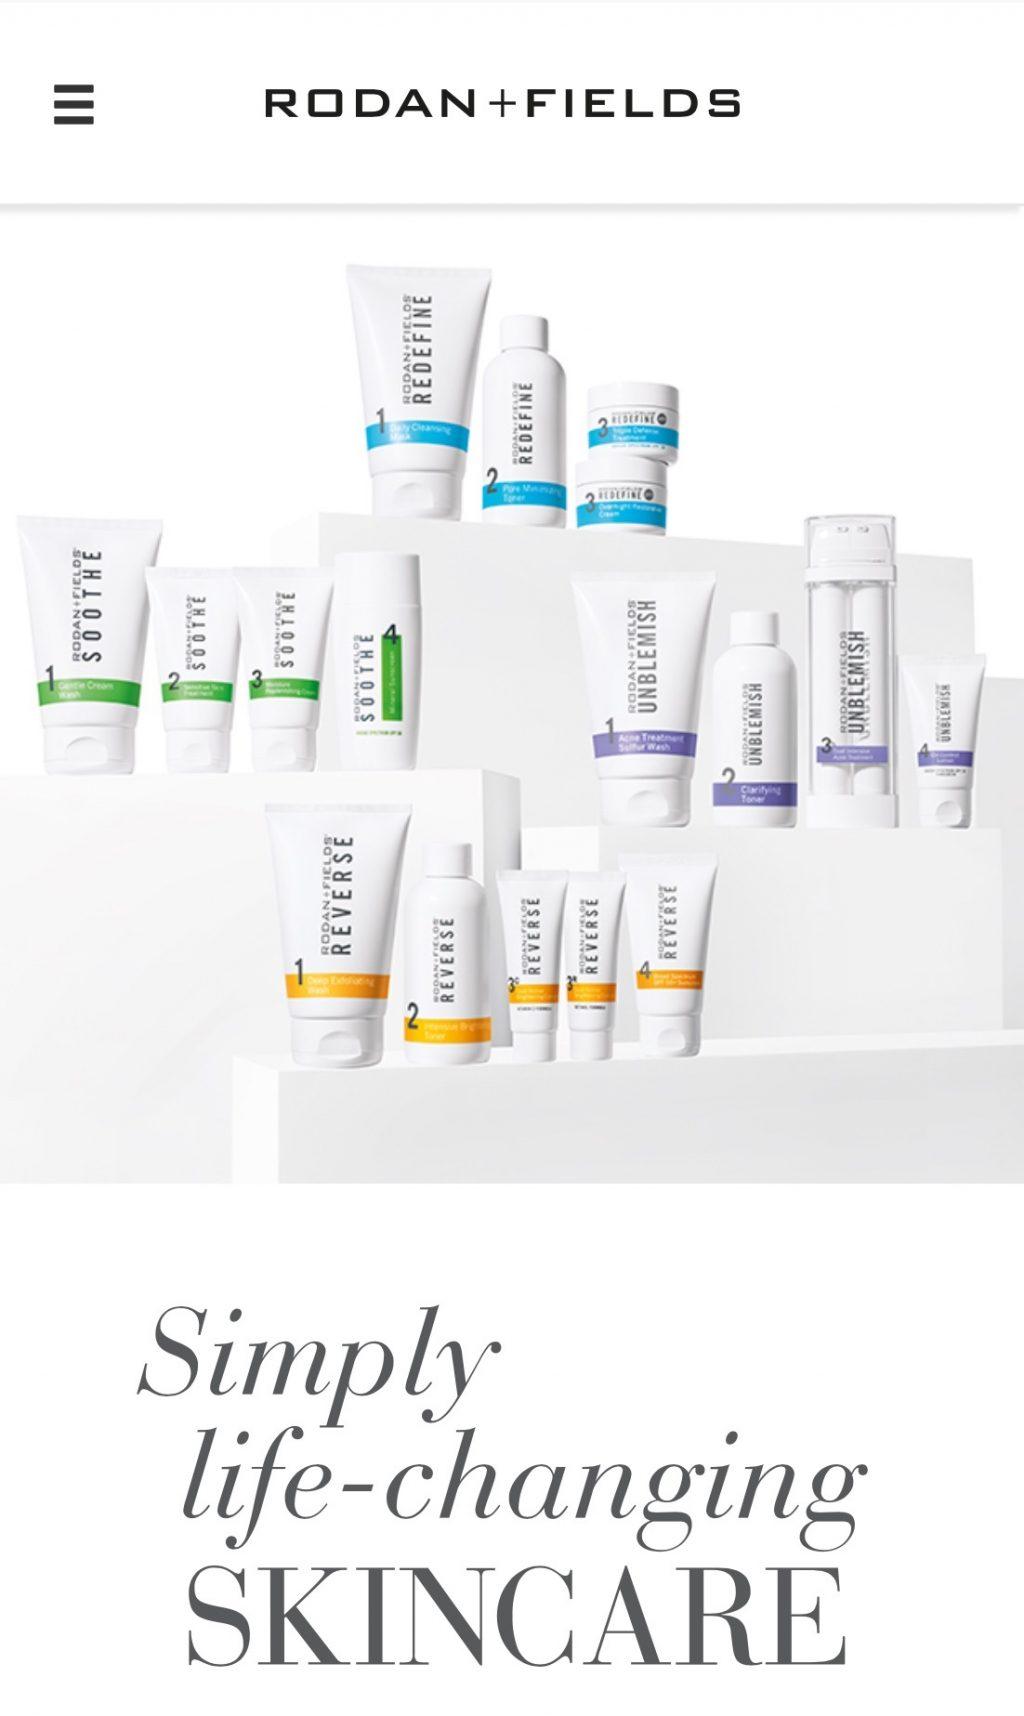 Rodan+Fields Products from Michelle Brunco.jpg